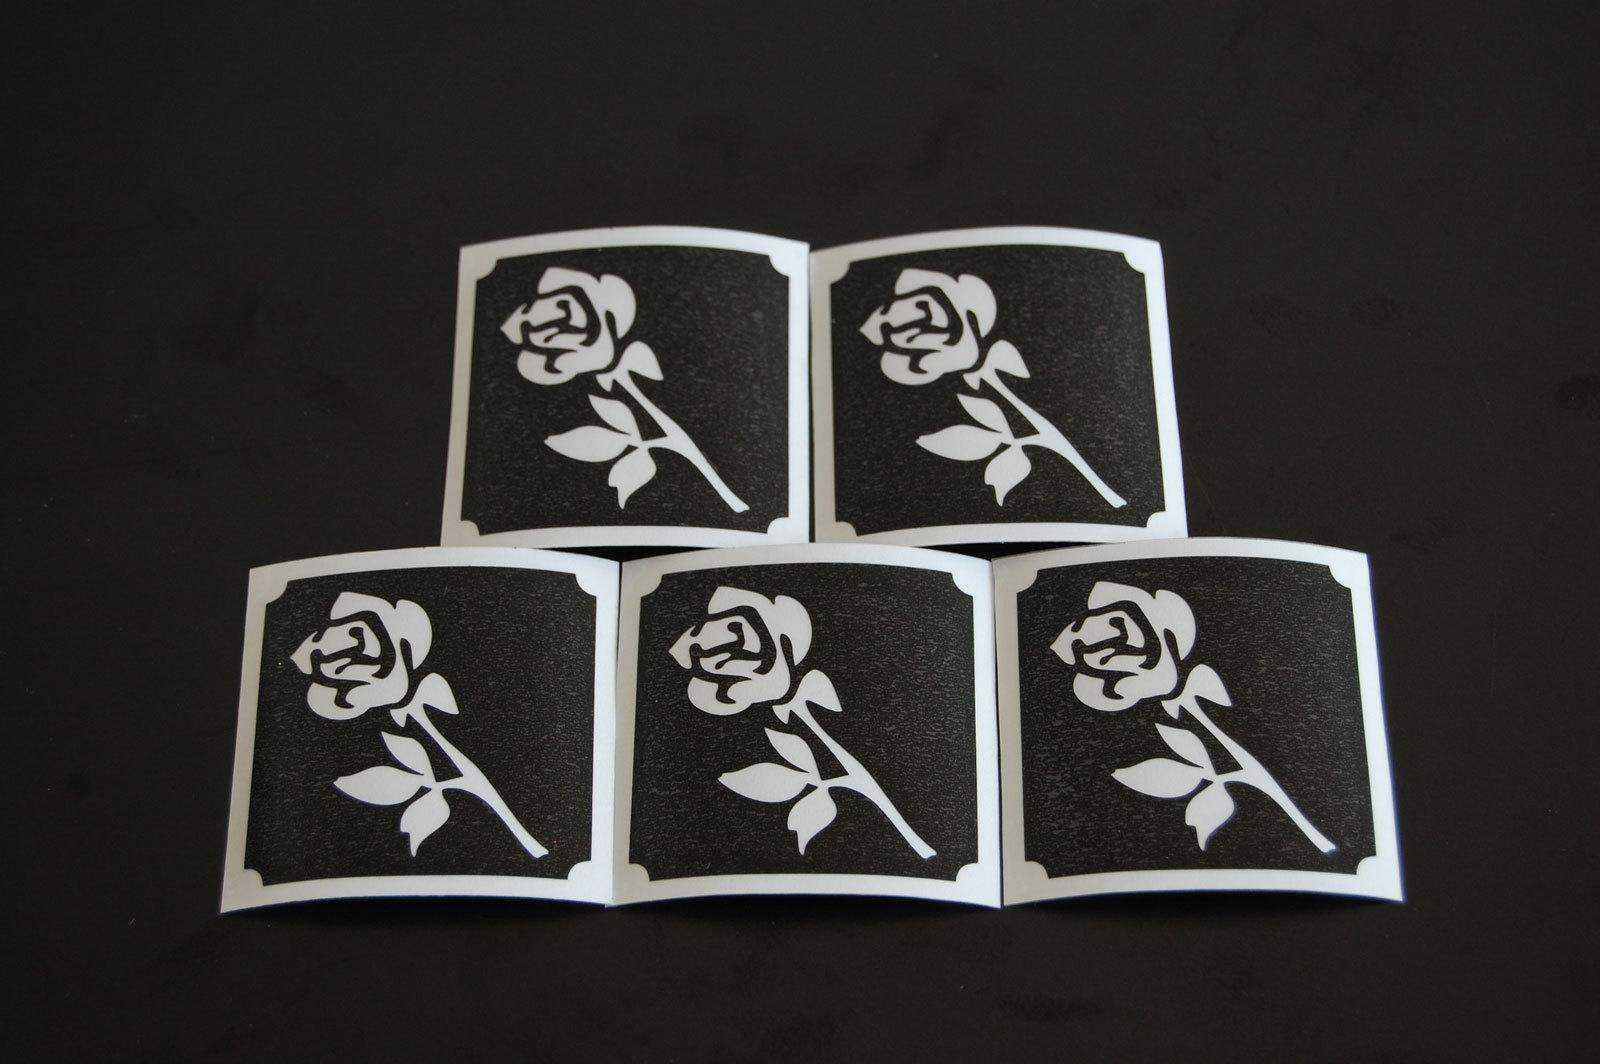 Long Stem Rose Make Up Stencil- 5 Pack